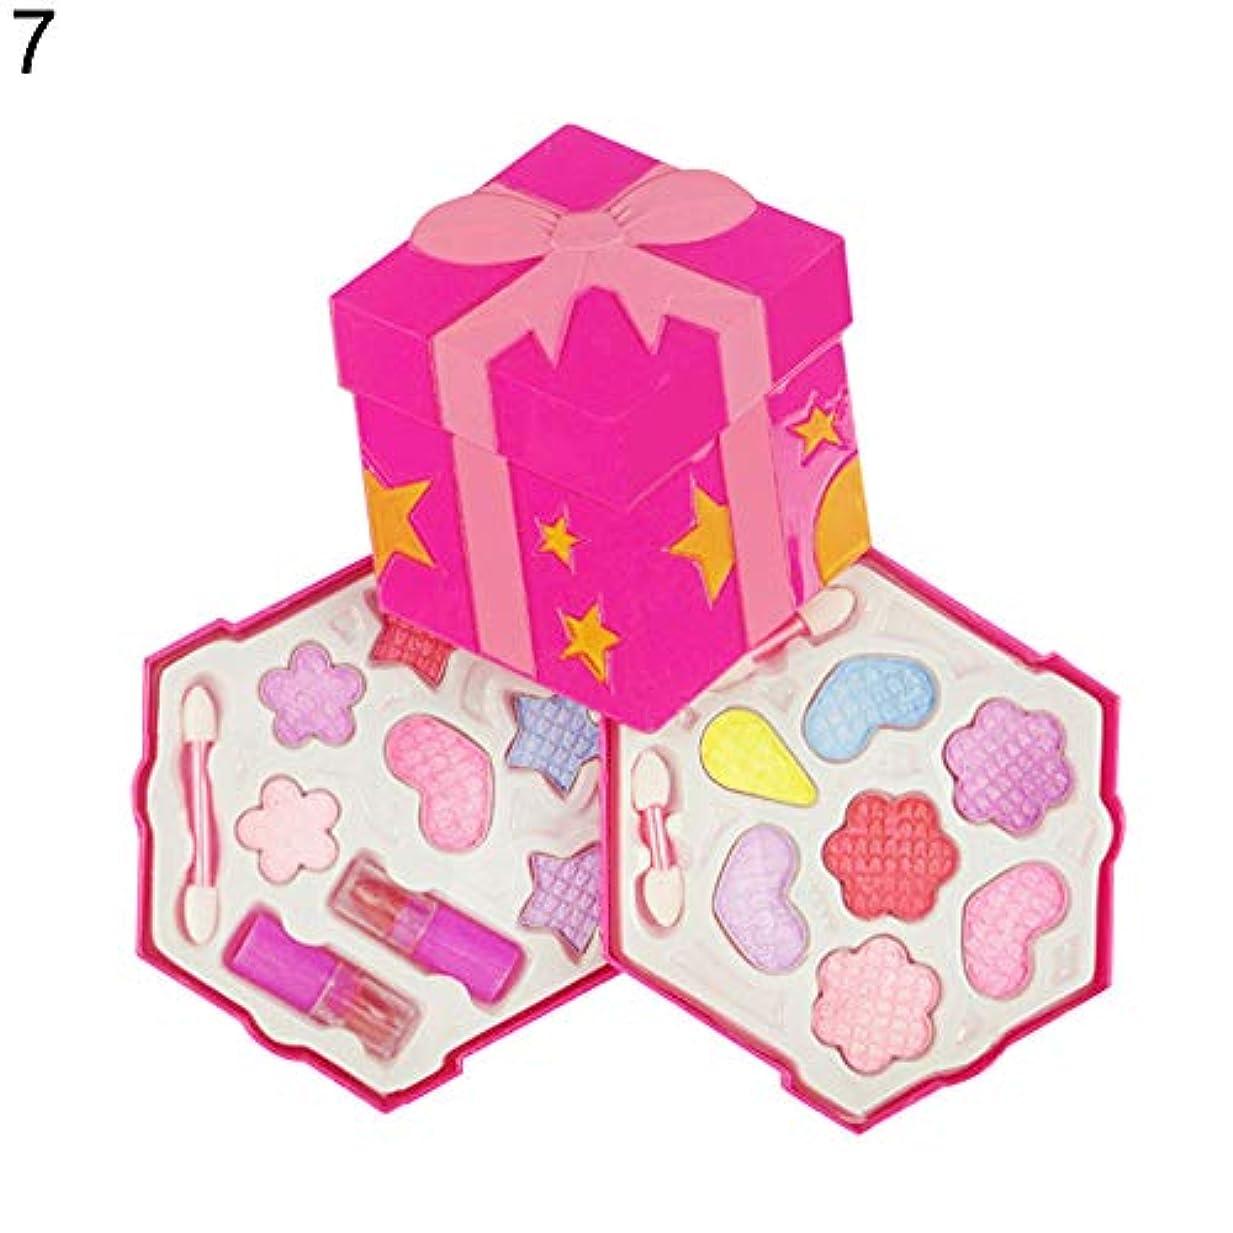 適応するプレフィックス部屋を掃除する花蝶ふりプレイメイクセット女の子シミュレーション非毒性化粧品 - 7